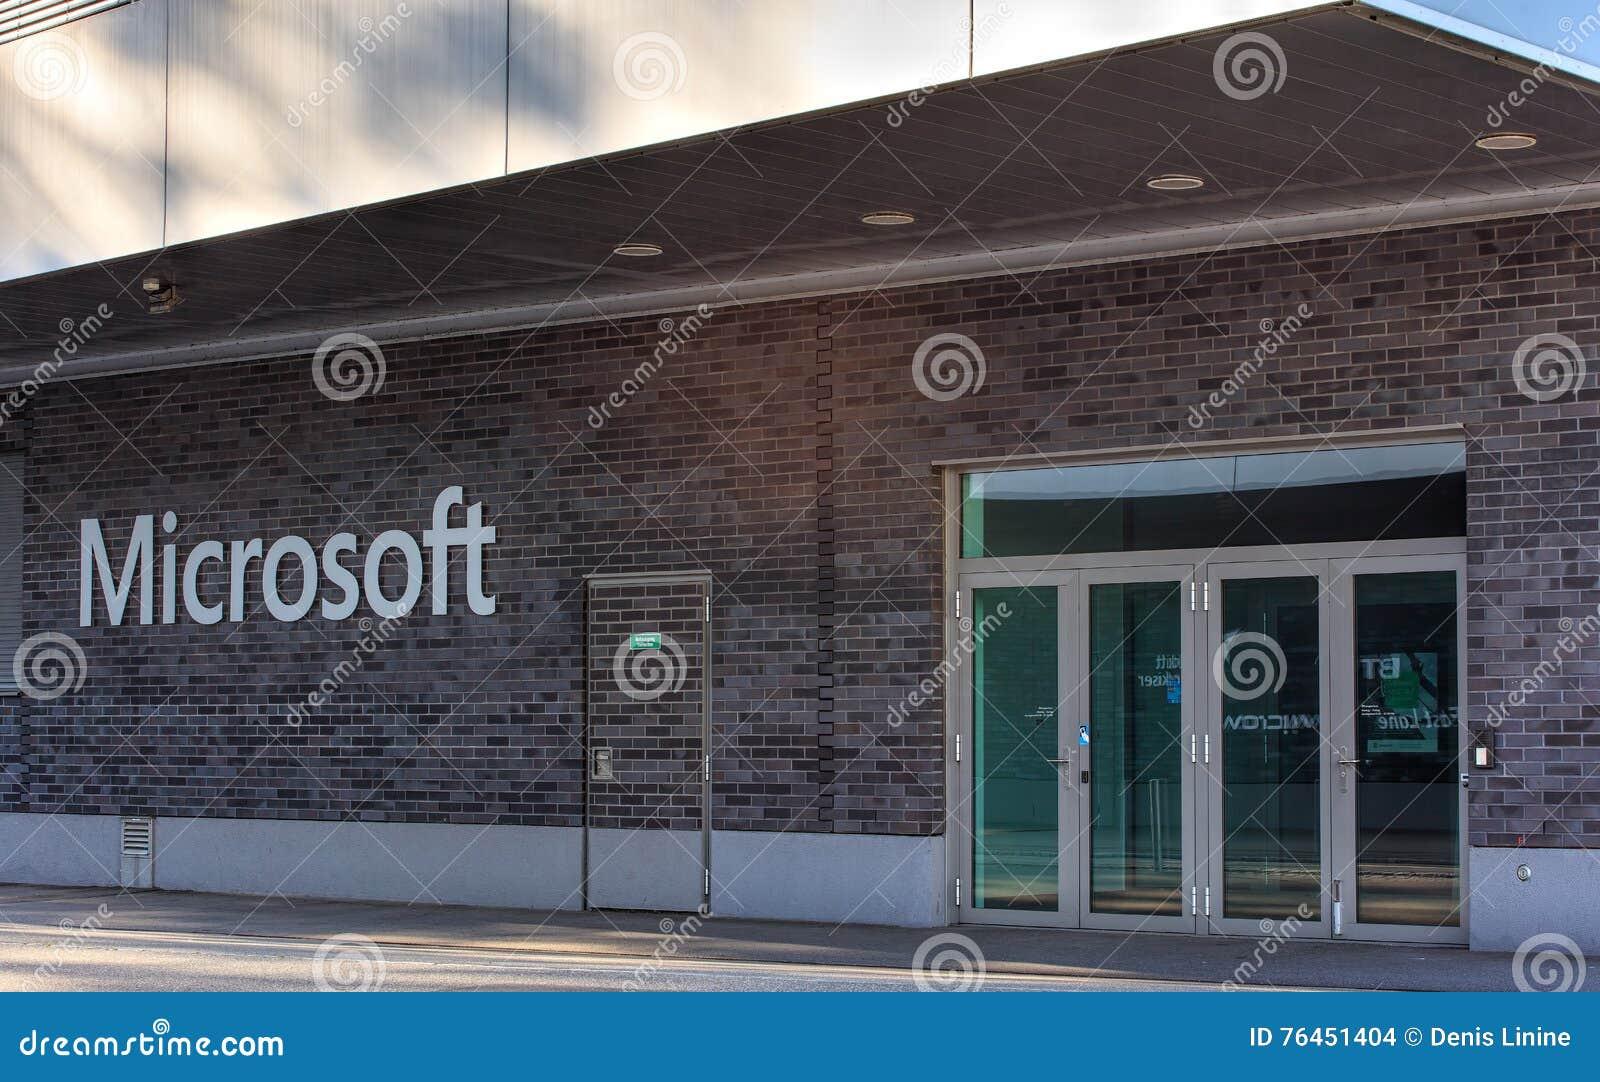 Ufficio Di Entrata : Entrata all ufficio svizzera ag di microsoft immagine stock